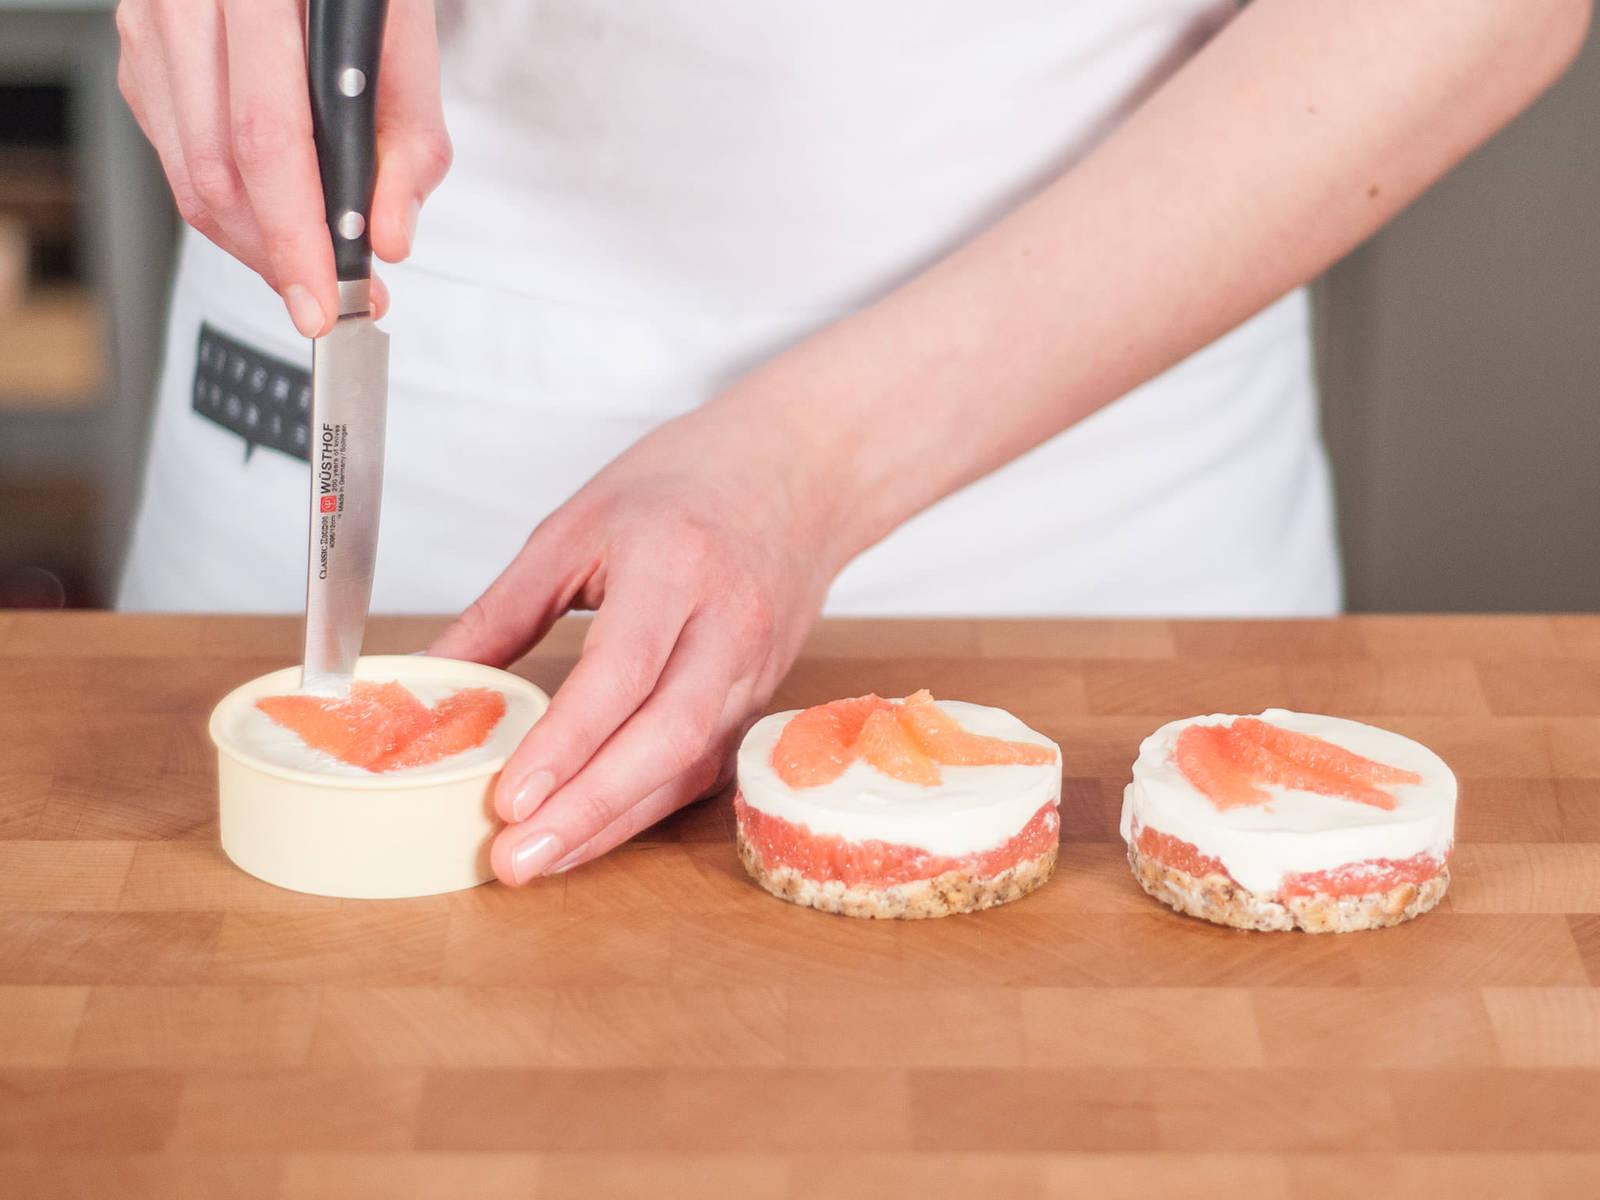 Kuchen mit den übrigen Grapefruitscheiben garnieren. Backformen in den Kühlschrank stellen und ca. 2 h ruhen lassen. Formen aus dem Kühlschrank nehmen und  Küchlein mit einem Messer vom Rand lösen. Zum Servieren den Backformboden nach oben schieben und den Kuchen aus der Form nehmen.Vorsichtig die Backformböden entfernen und auf einem Teller servieren.